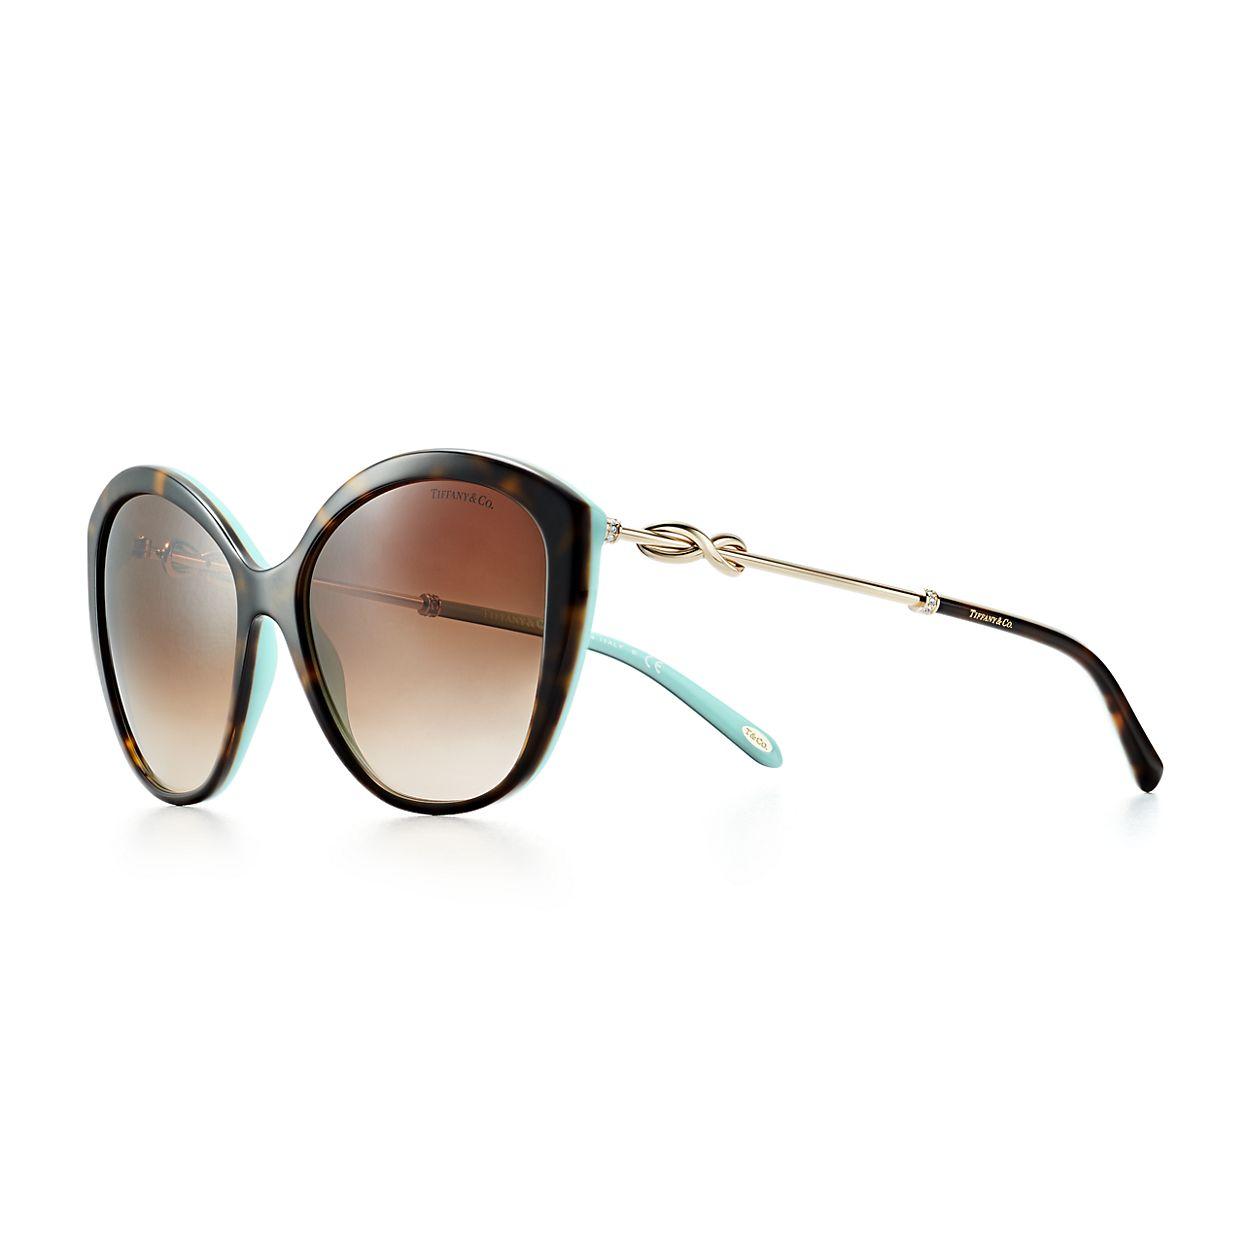 Gafas de sol ojos de gato Tiffany Infinity en carey y acetato ...